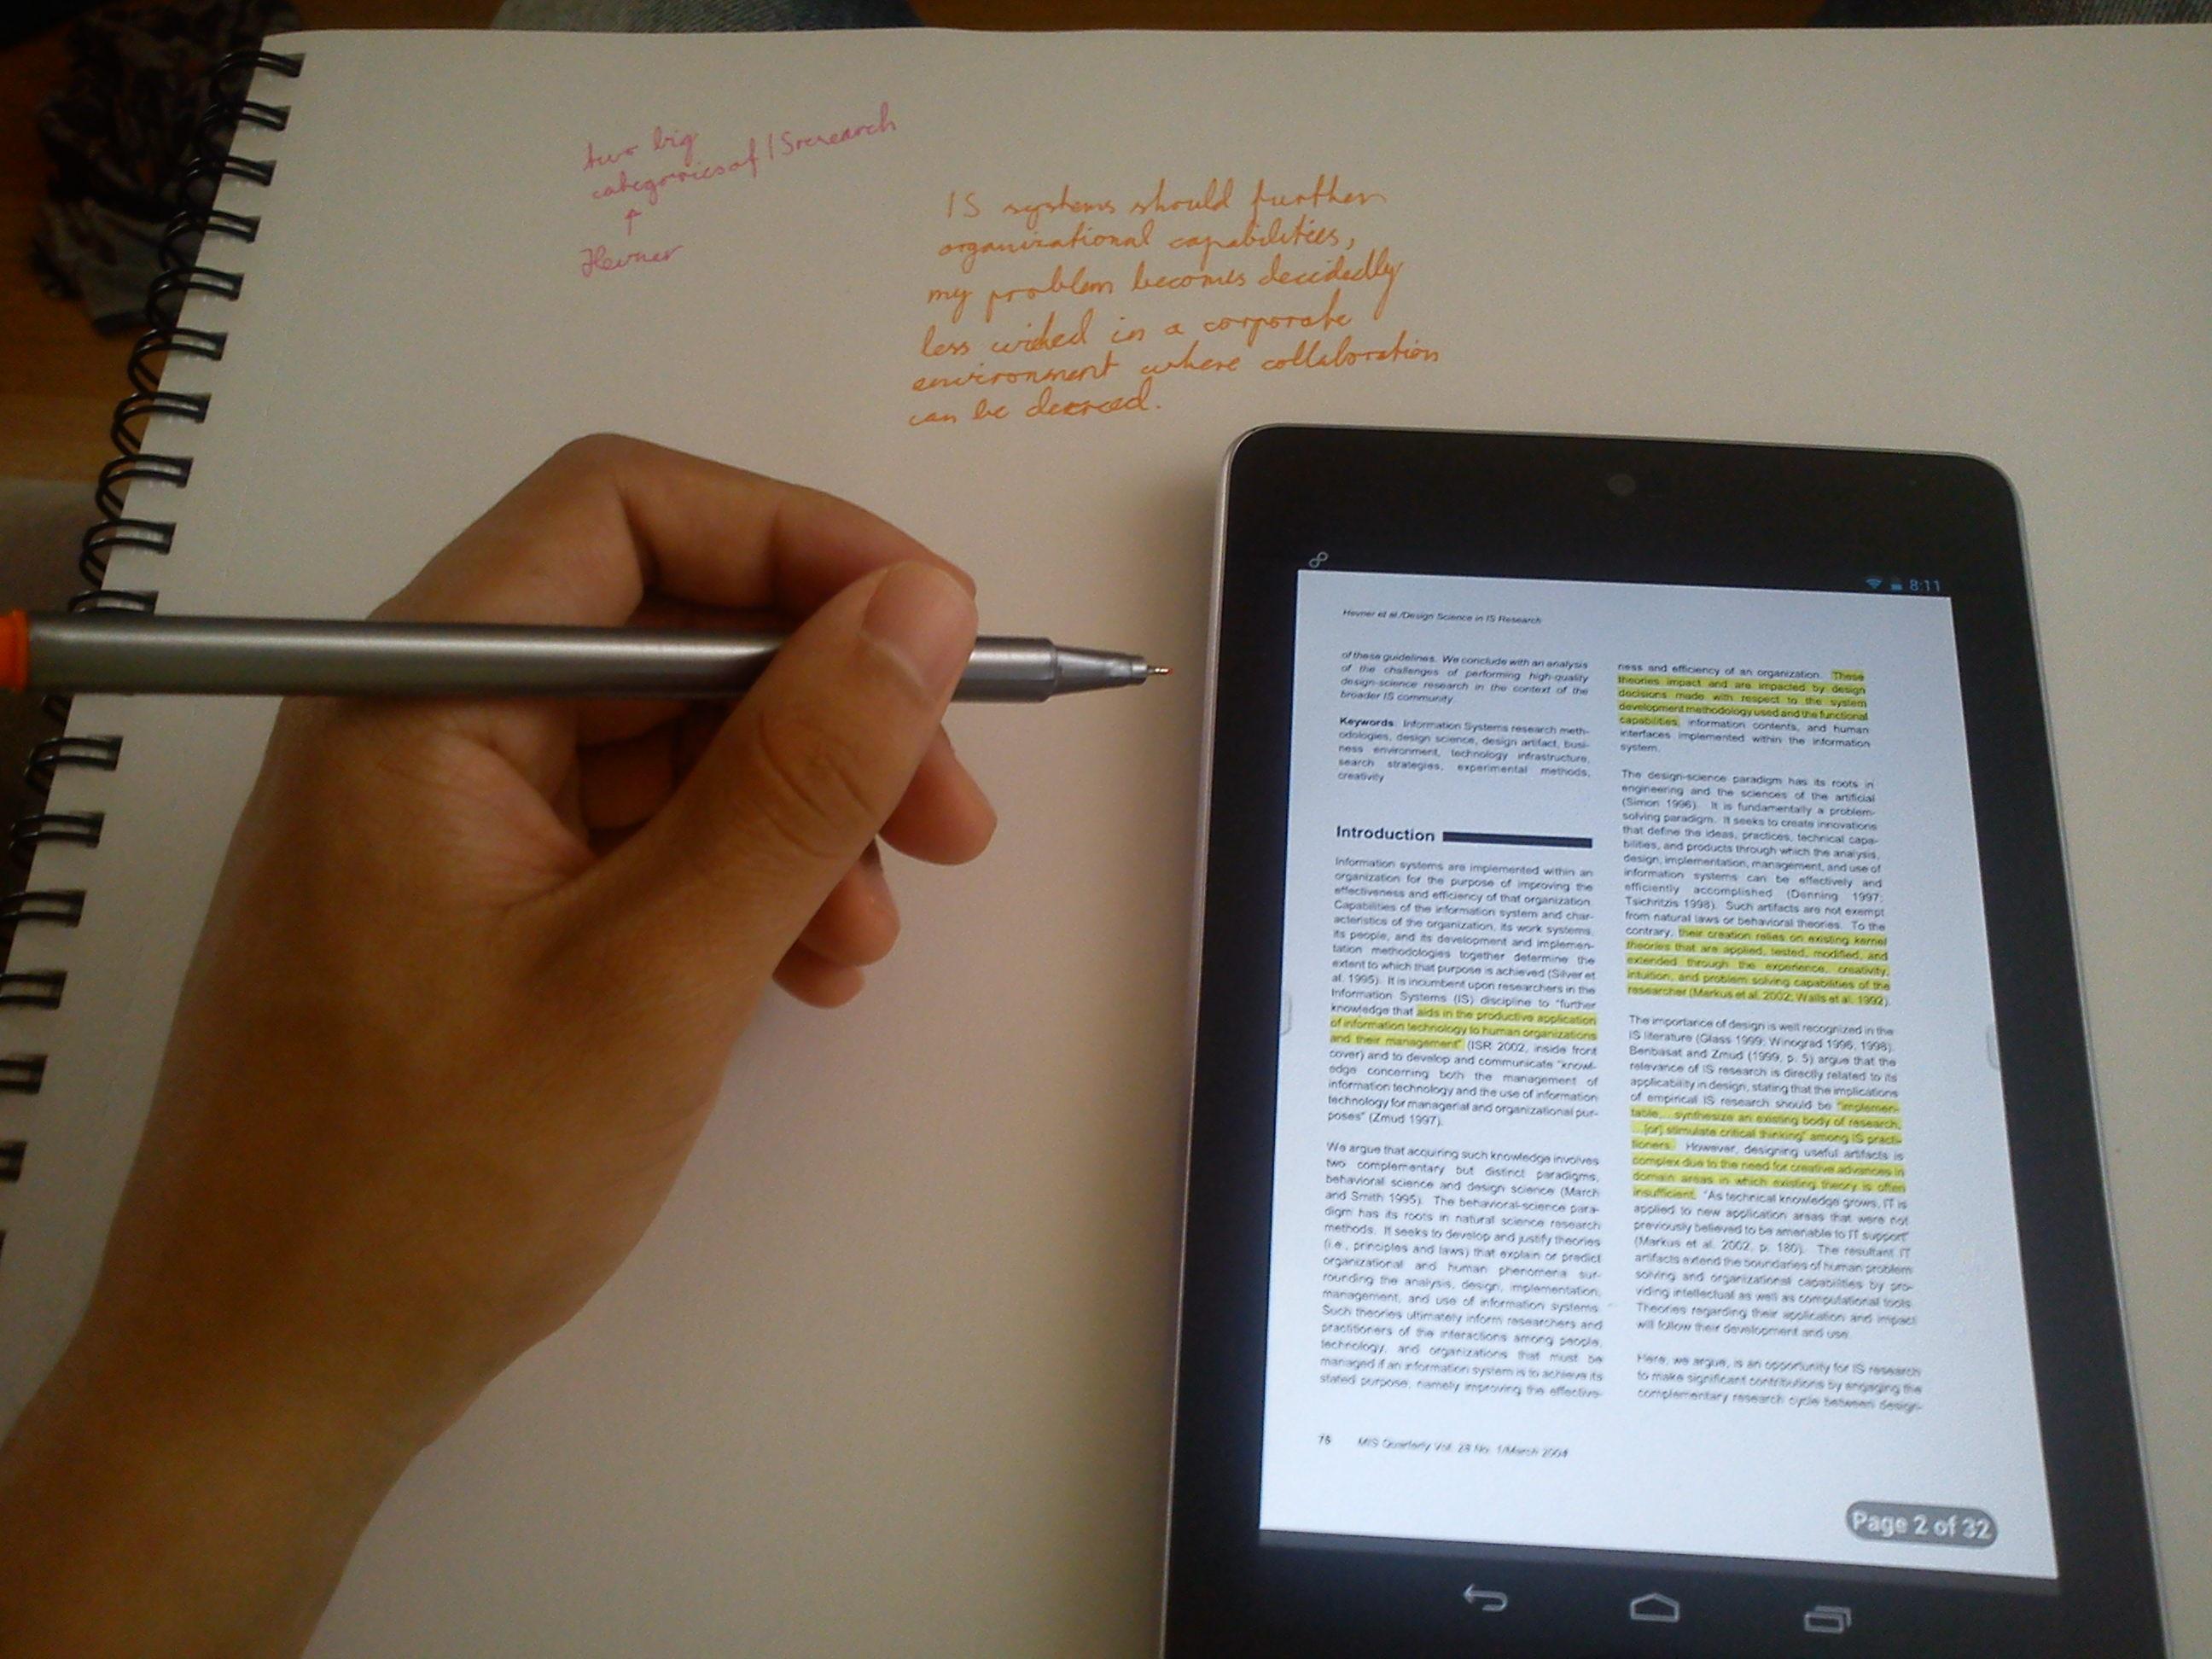 Leser artikler og drømmer om å skape ting. :)